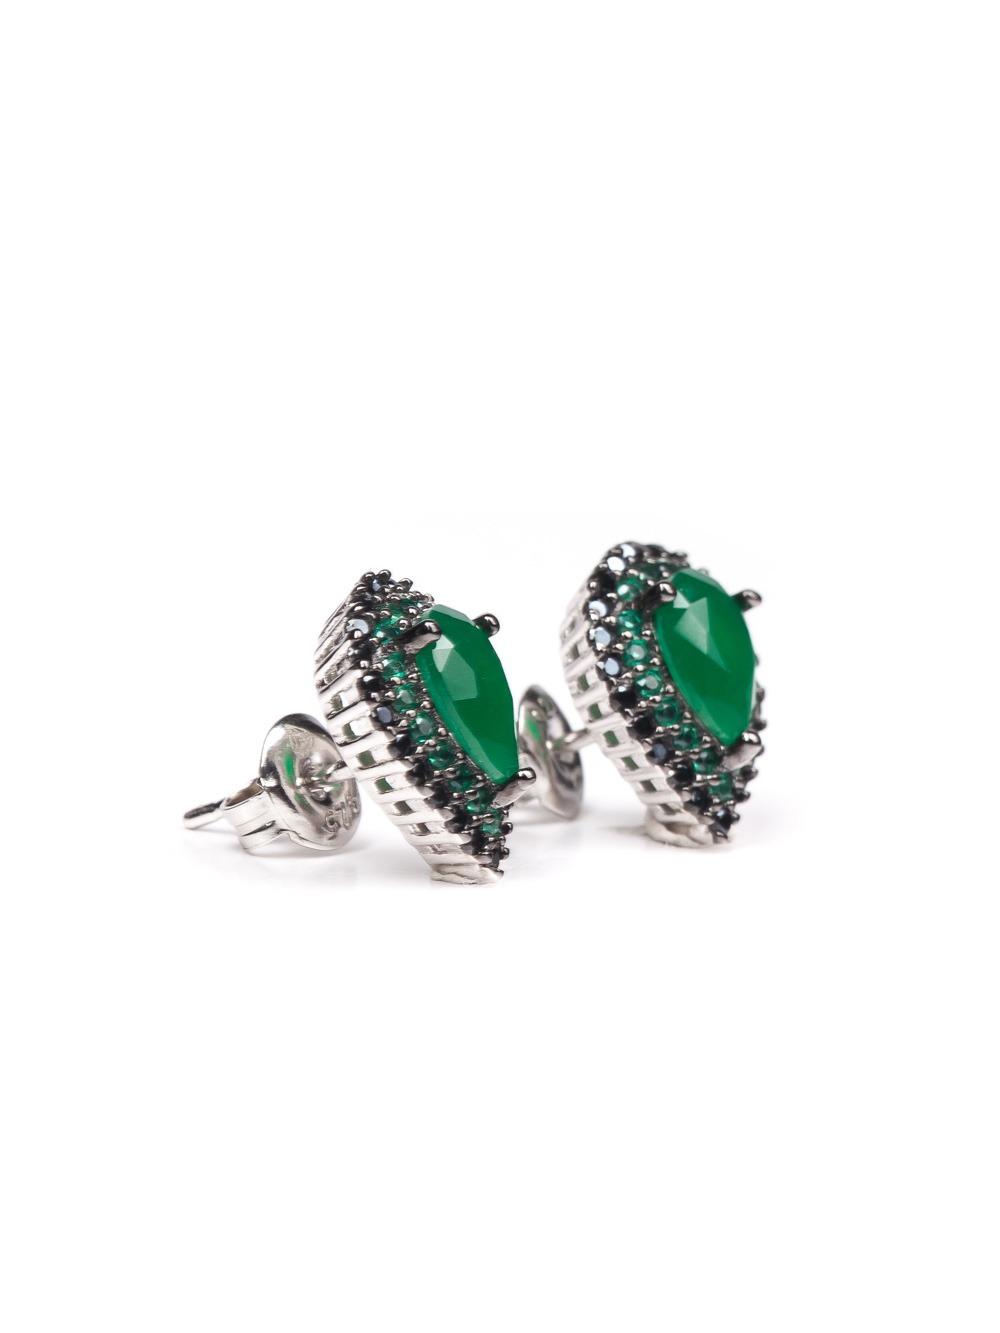 Brinco gota em prata com esmeraldas e espinélios